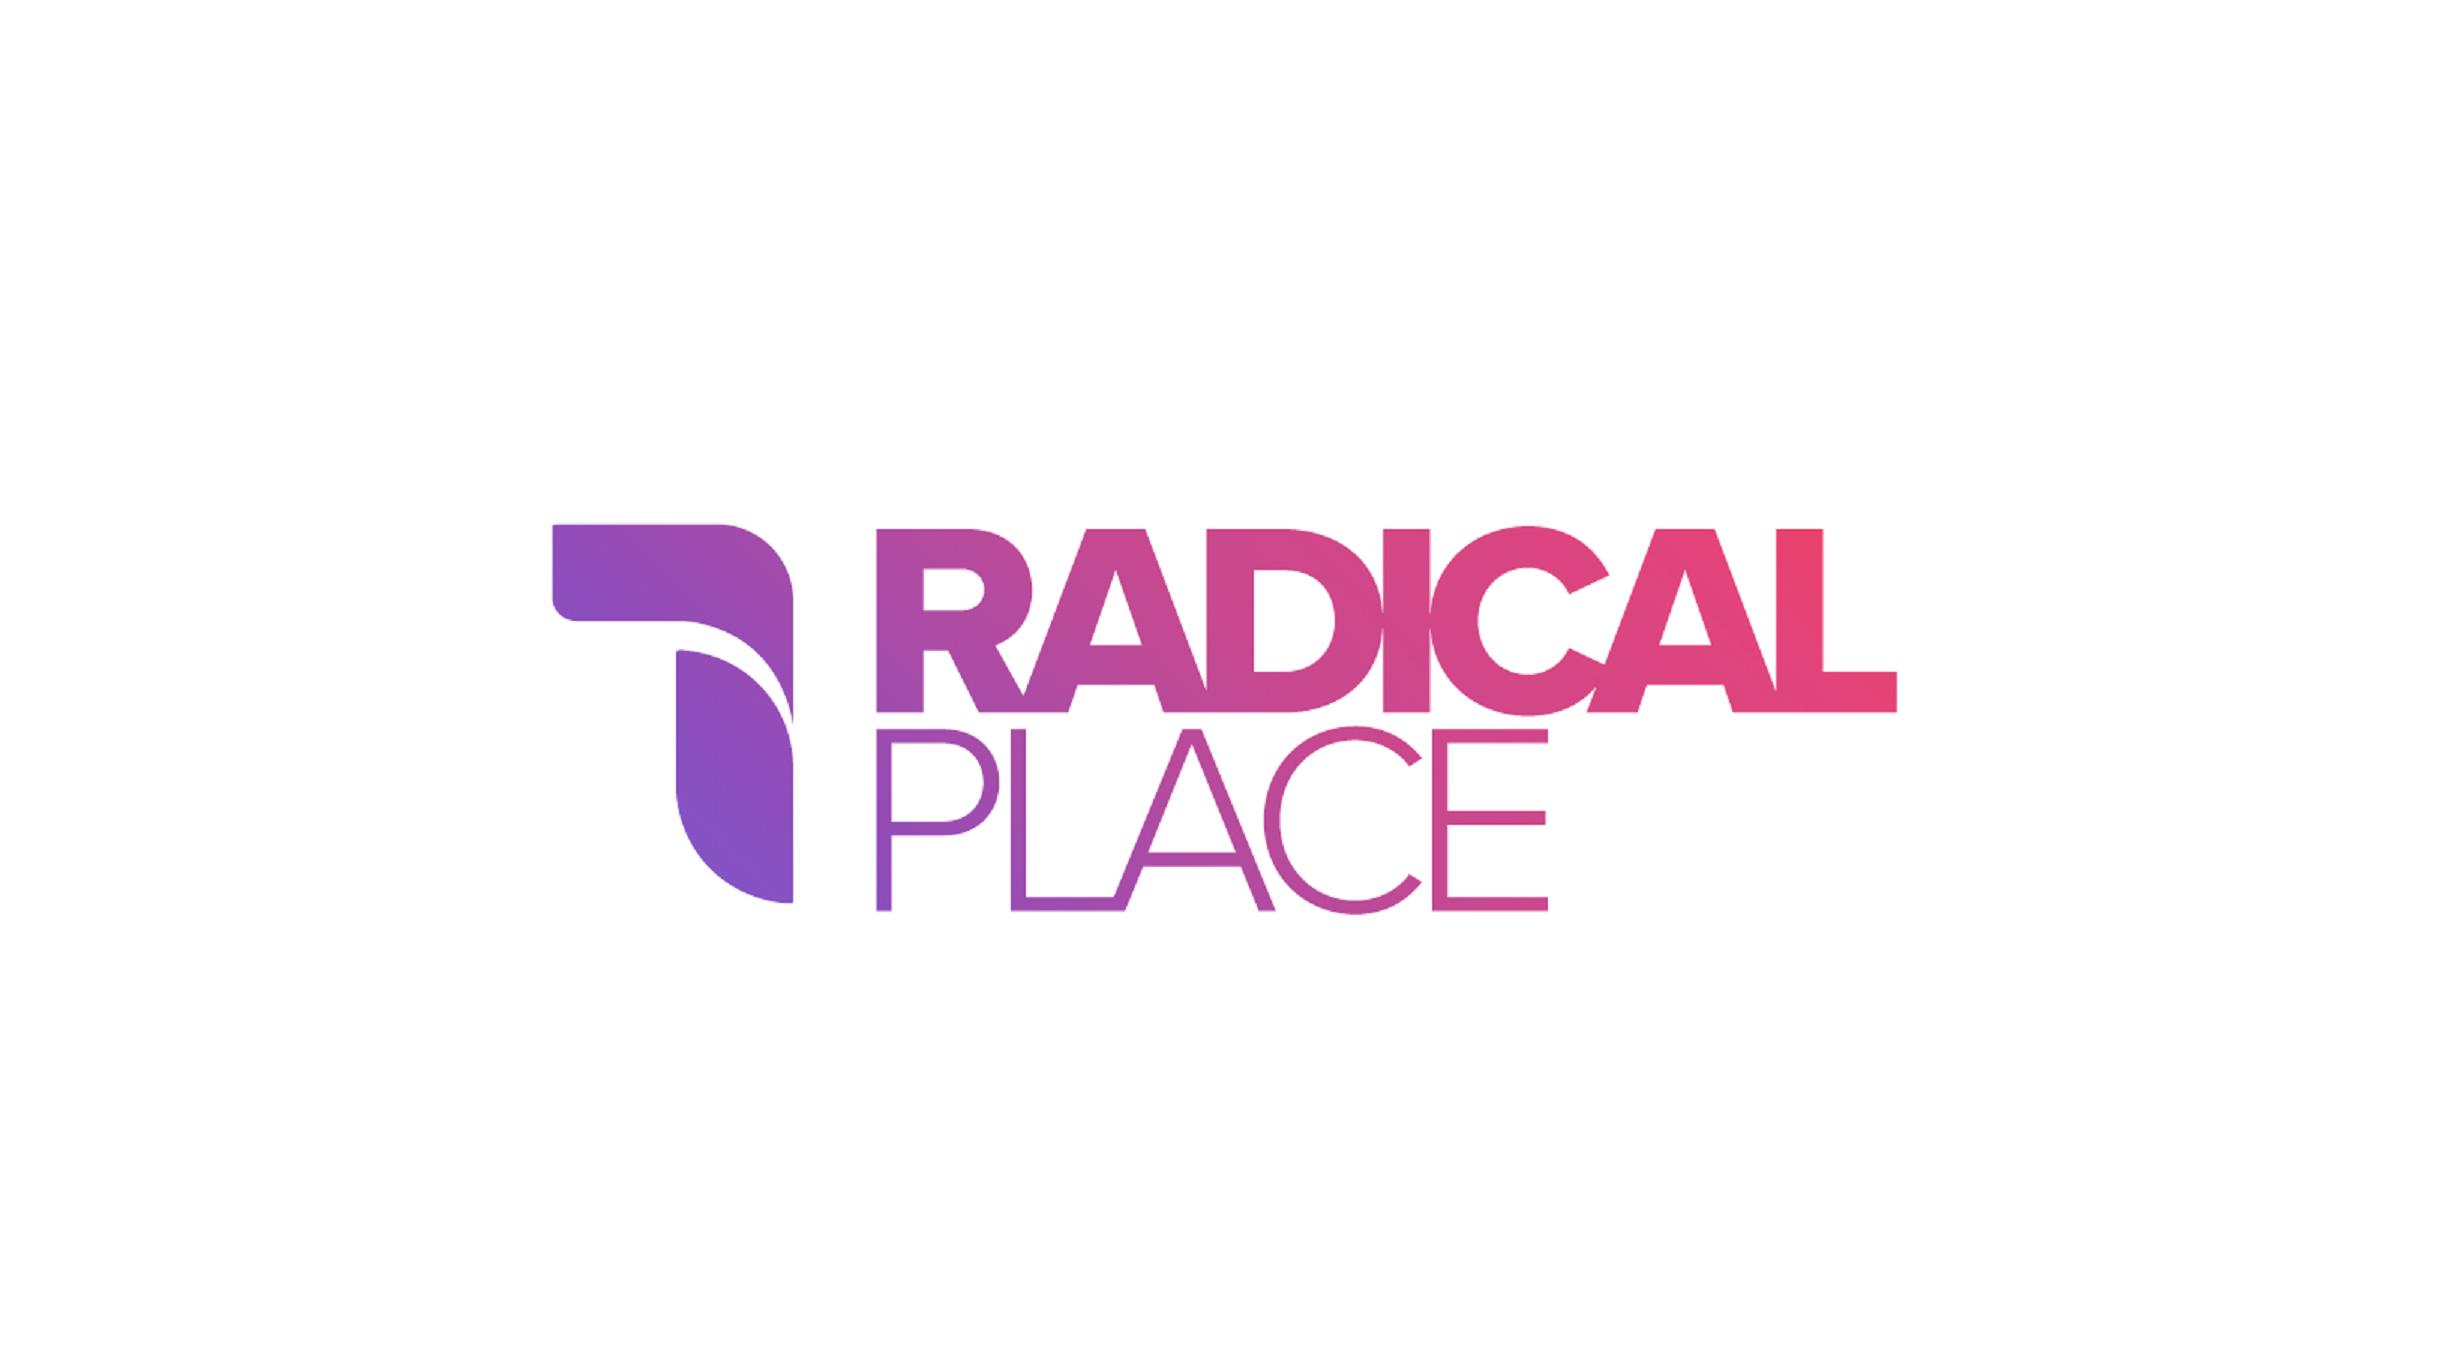 Radical Place